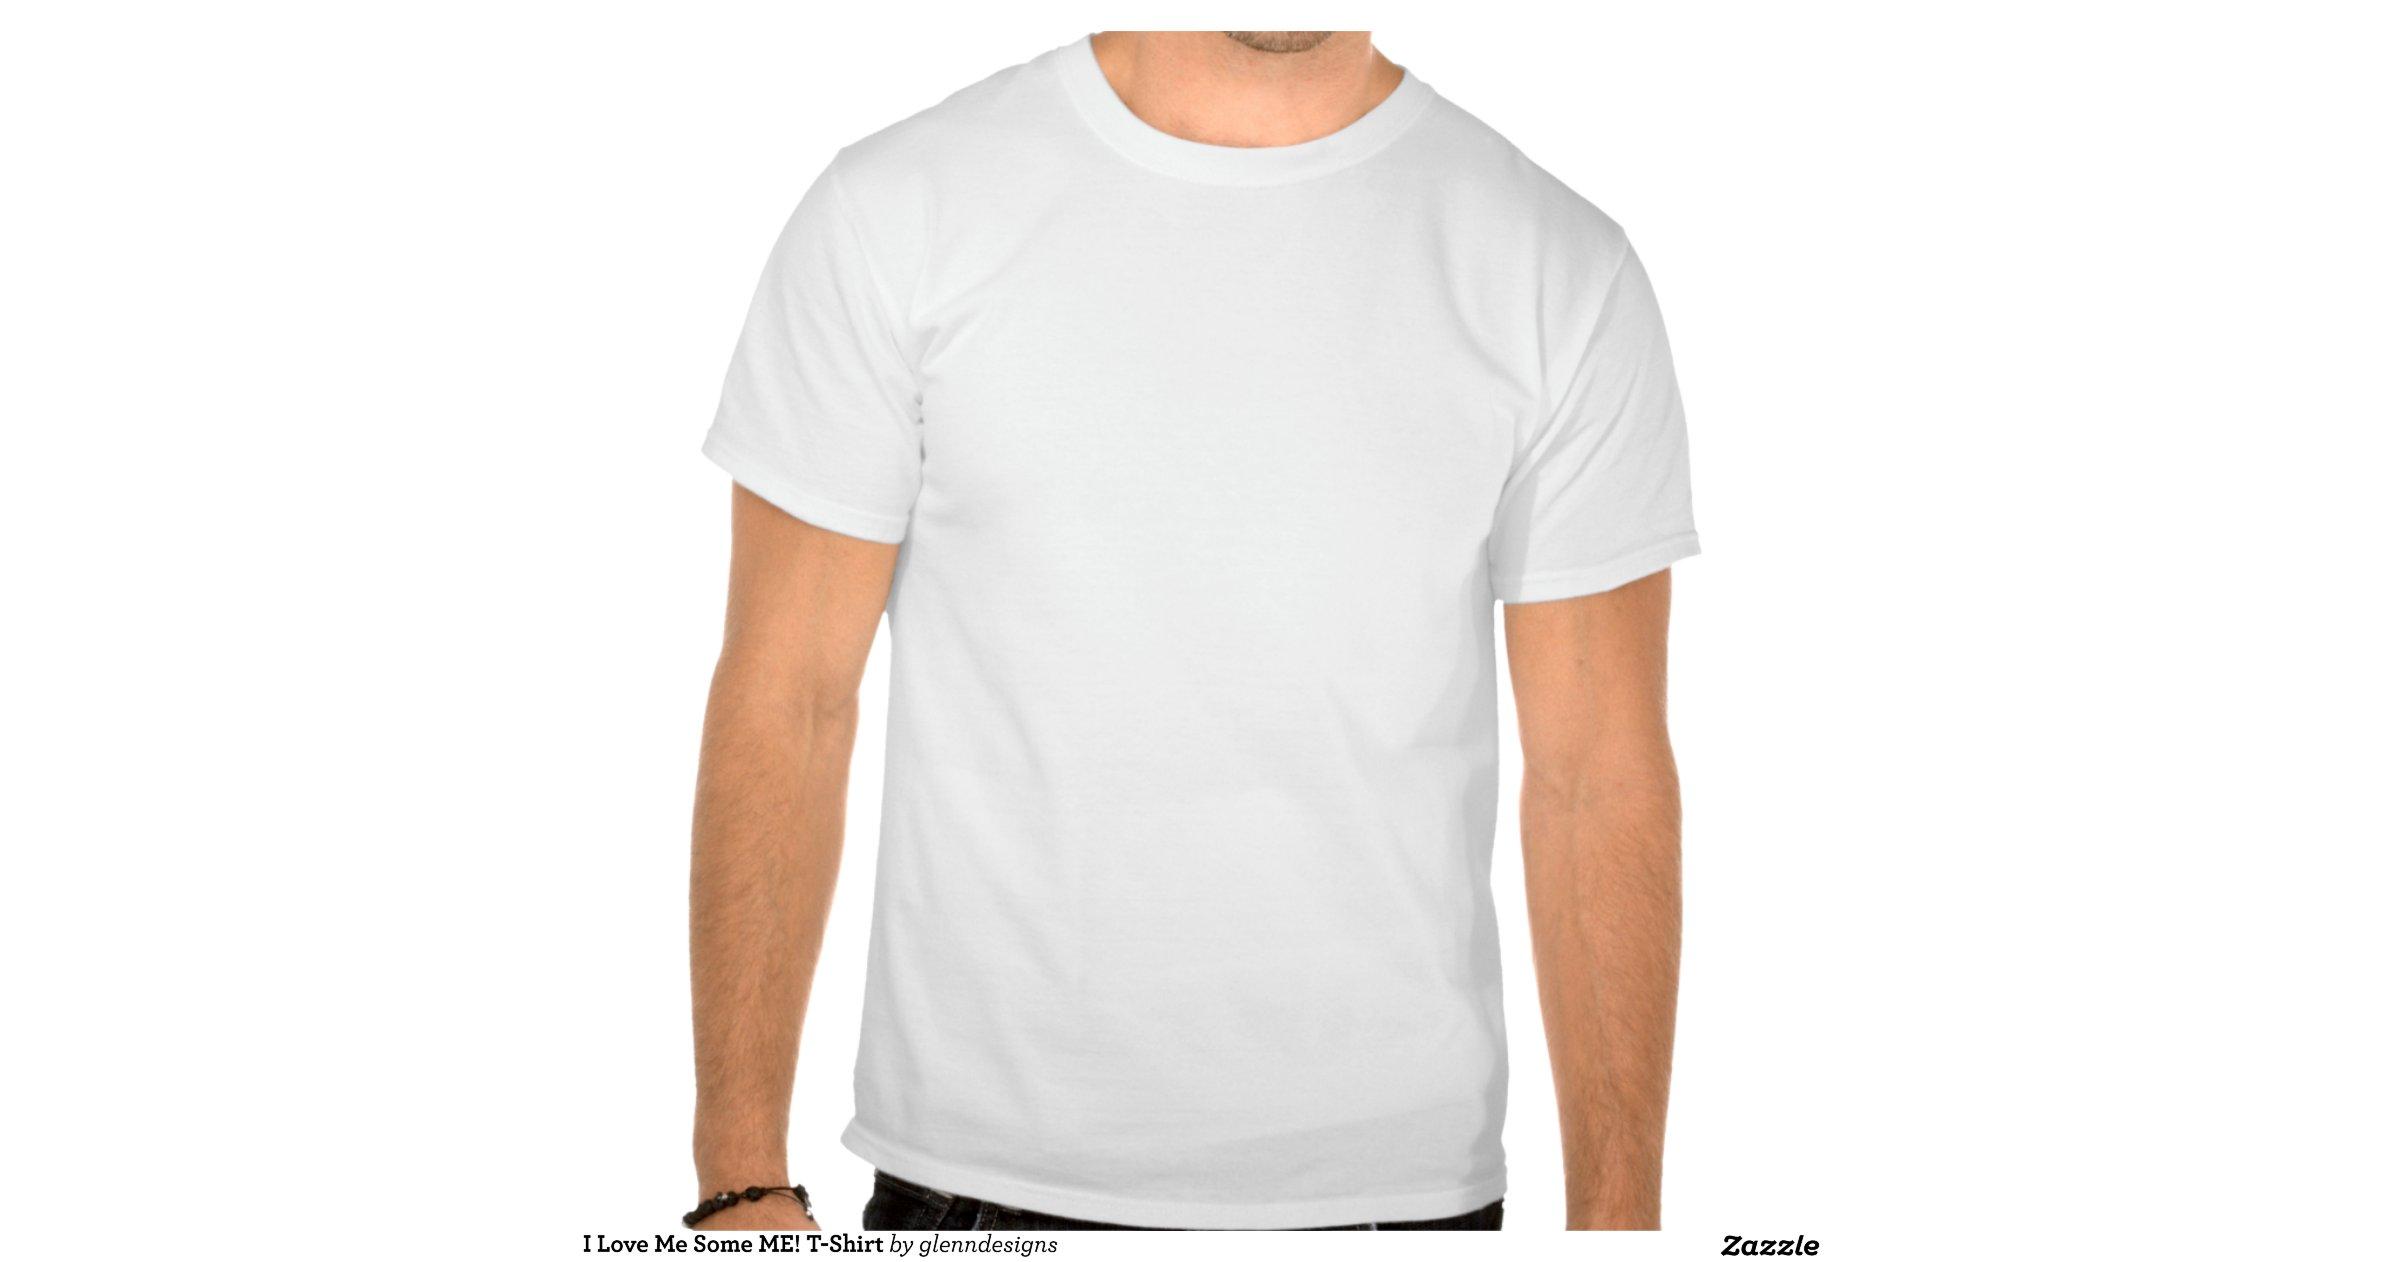 I Love Me Some Me T Shirt